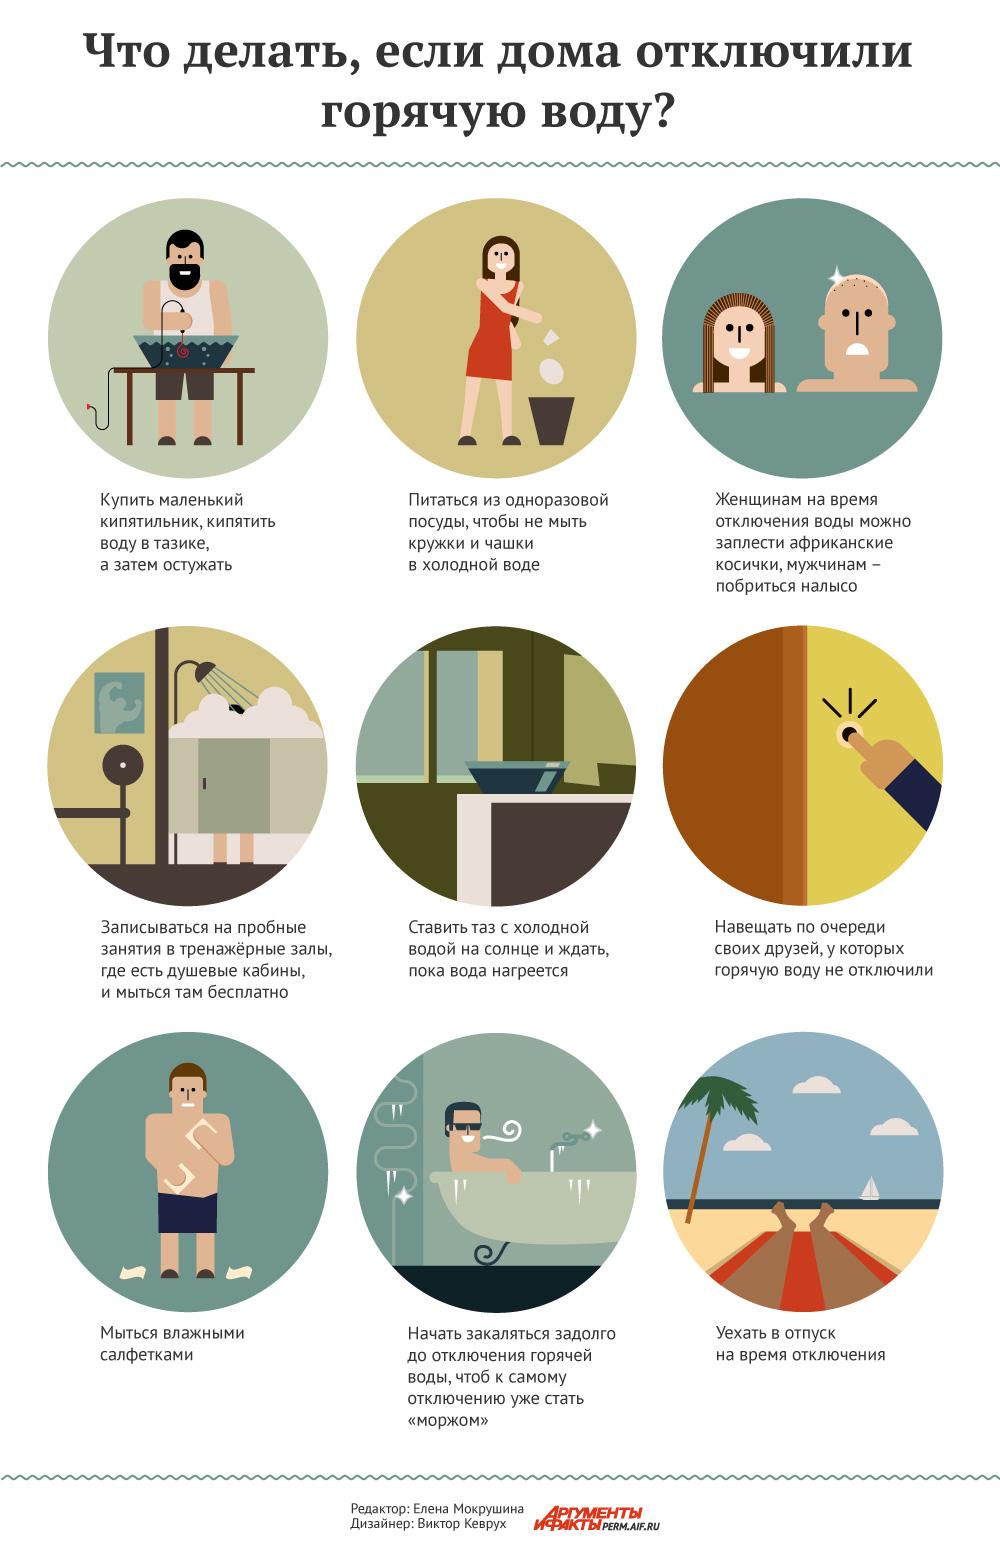 Где на мкаде можно принять душ. где можно помыться, когда отключают горячую воду: пособие по выживанию в летний сезон